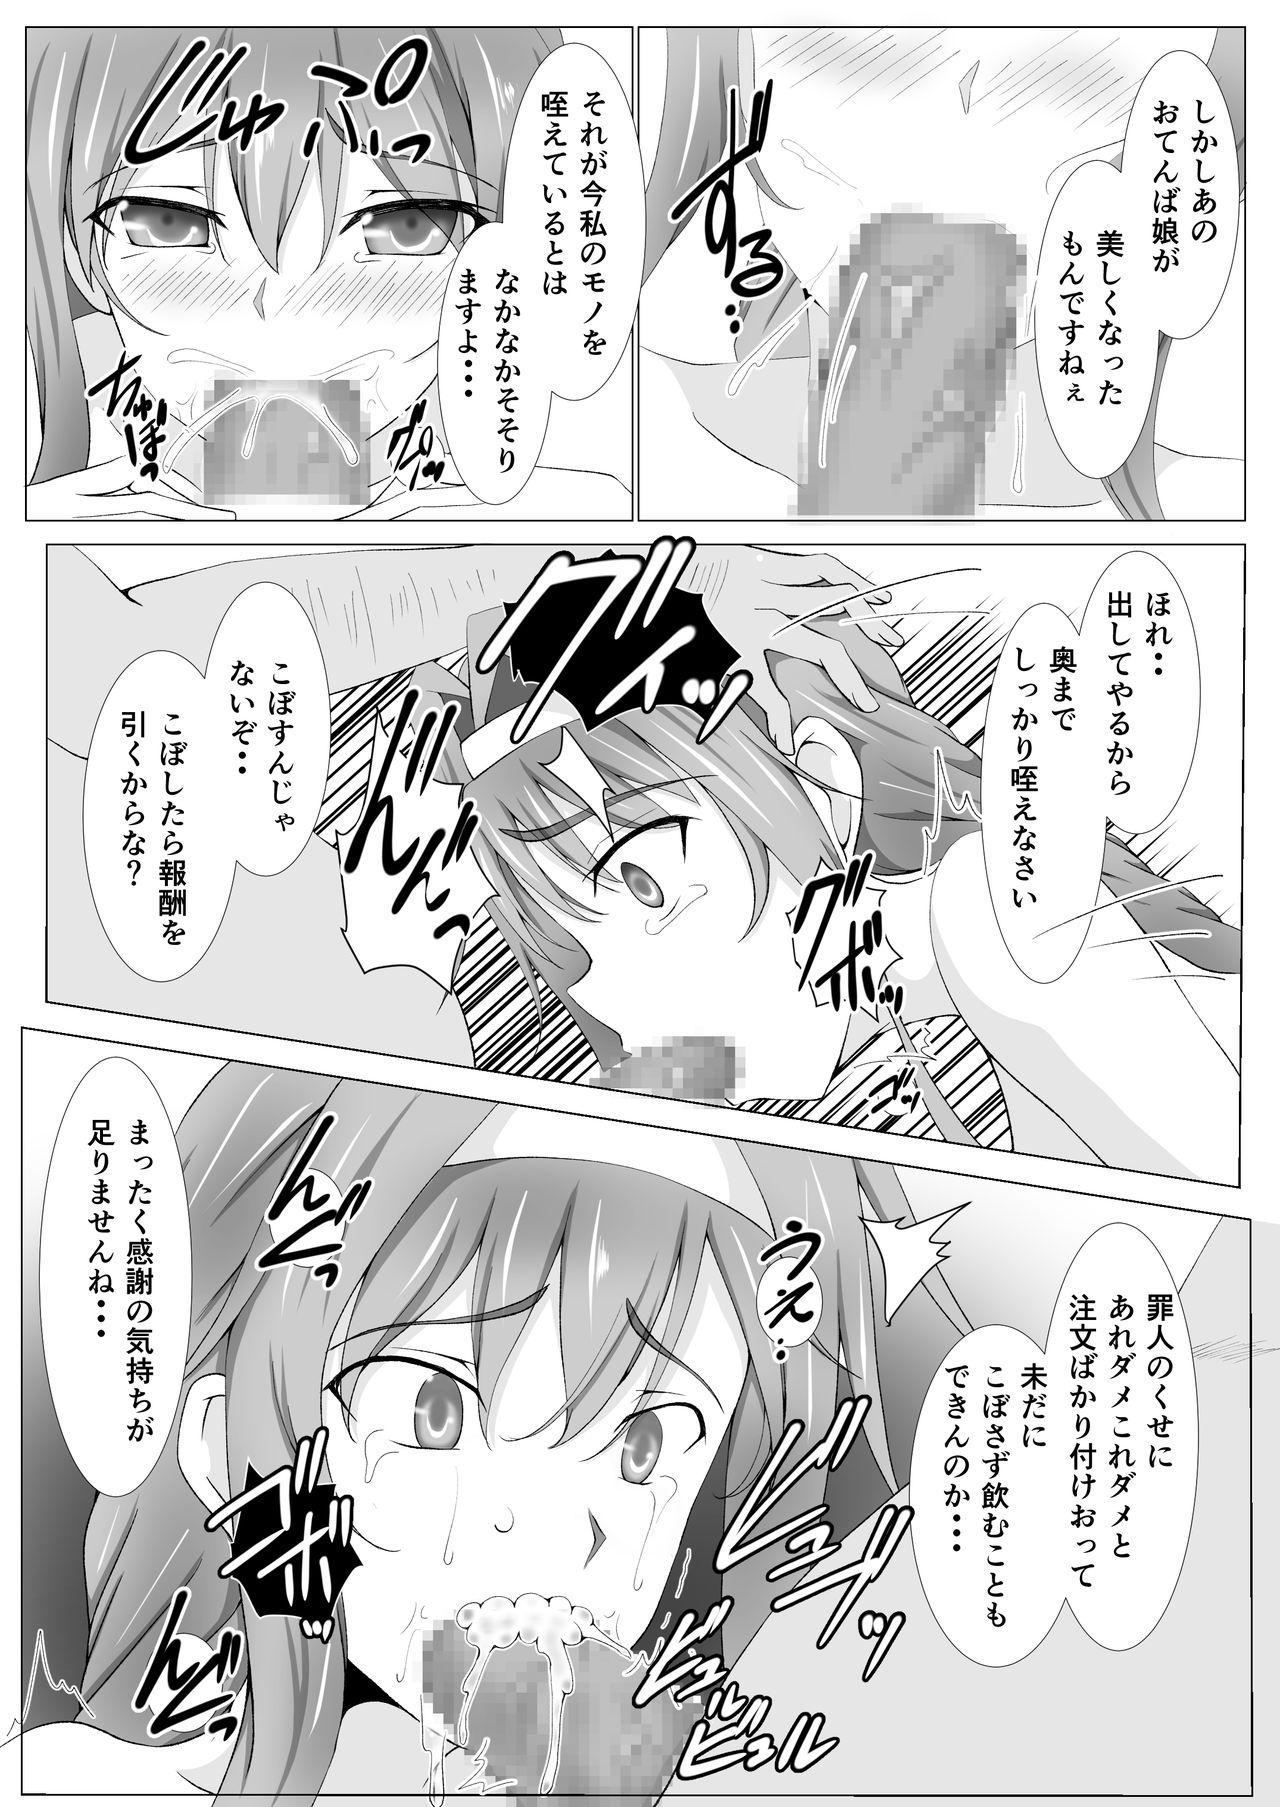 Zainin no Tenshoku 2